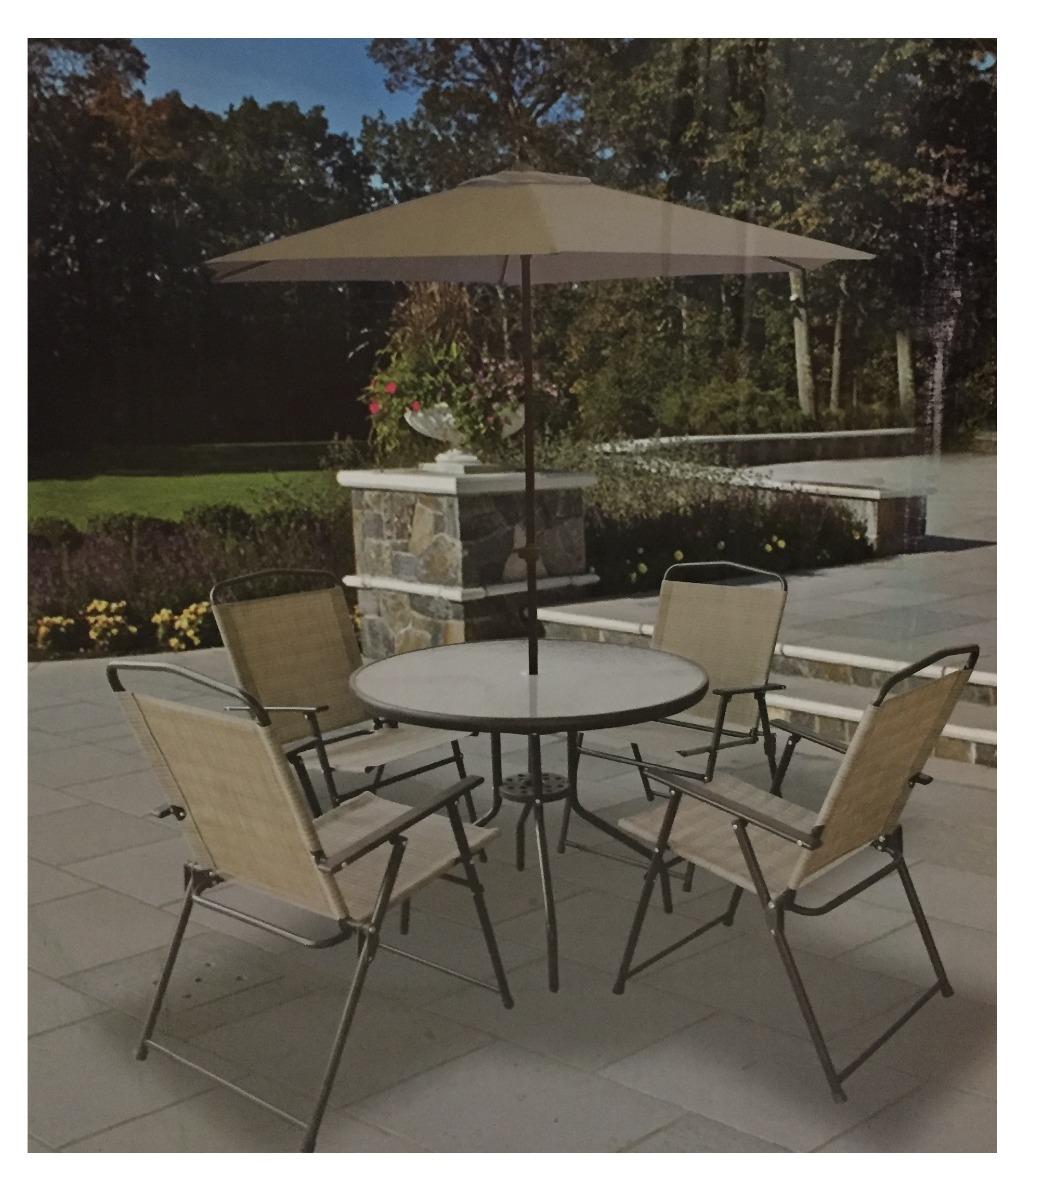 comedor jardin terraza patio mesa 4 sillas y sombrilla. Black Bedroom Furniture Sets. Home Design Ideas